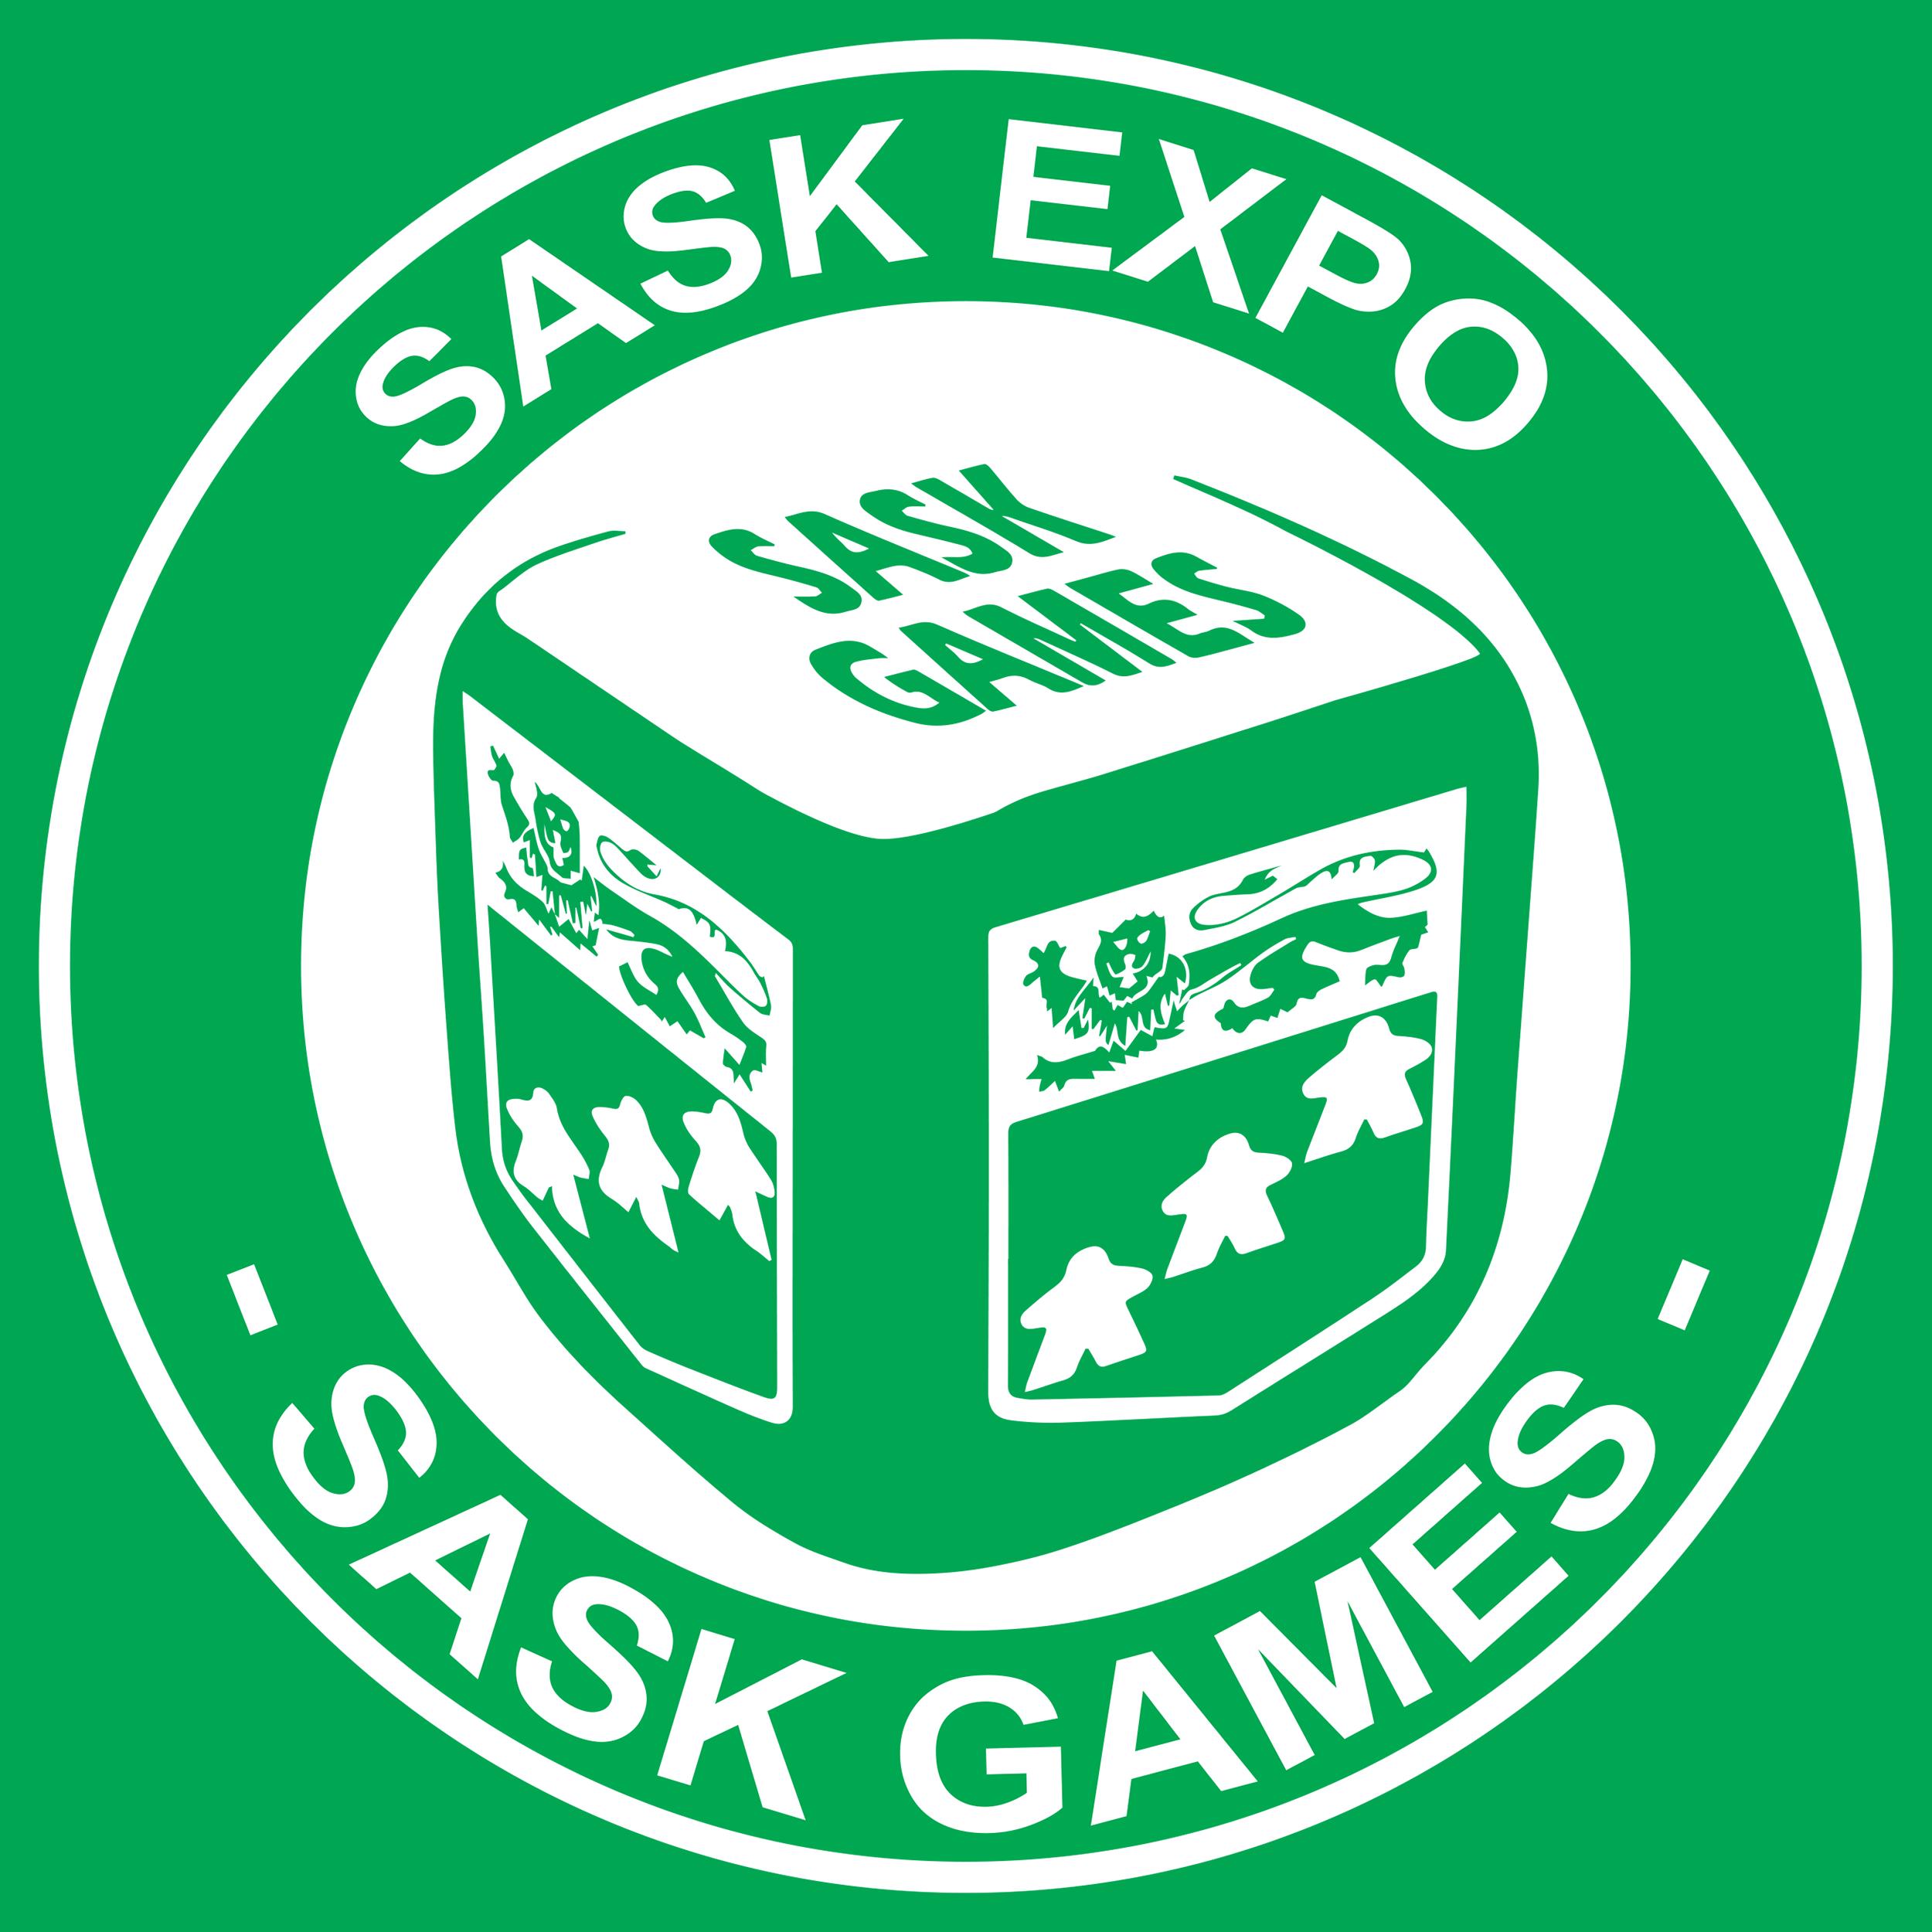 SaskGames Logos - Sask Expo